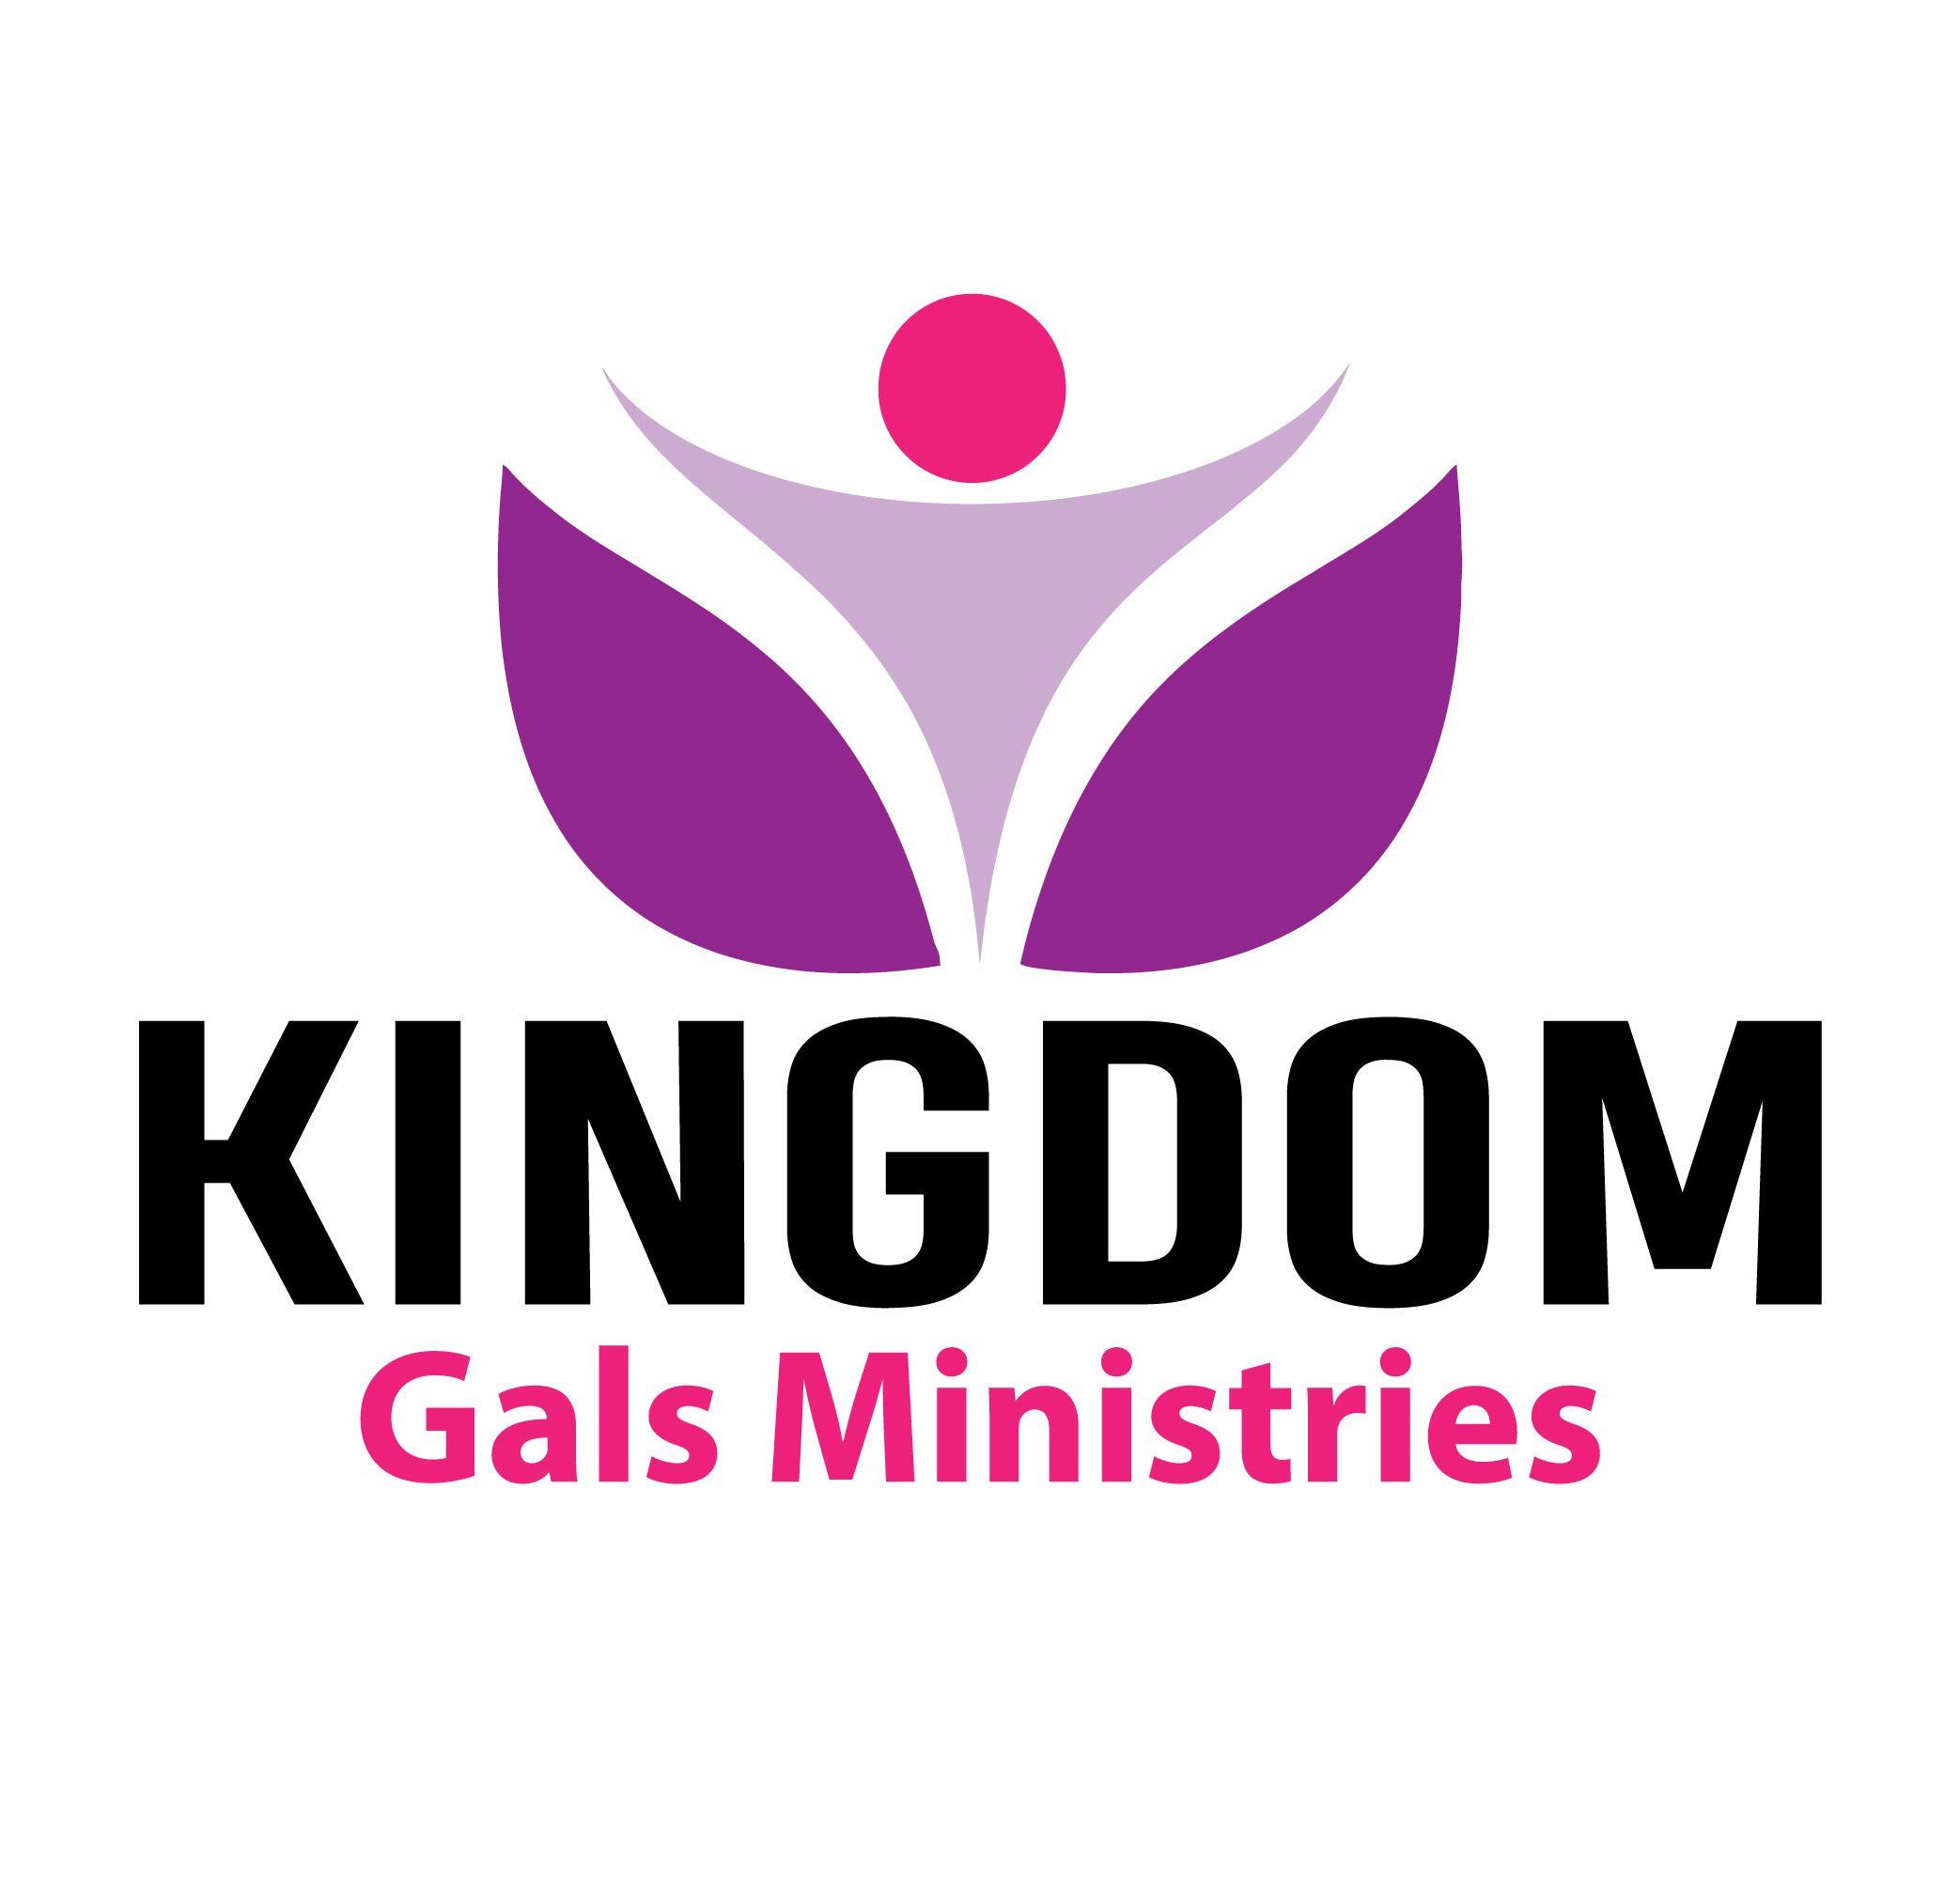 Kingdom Gals Ministries